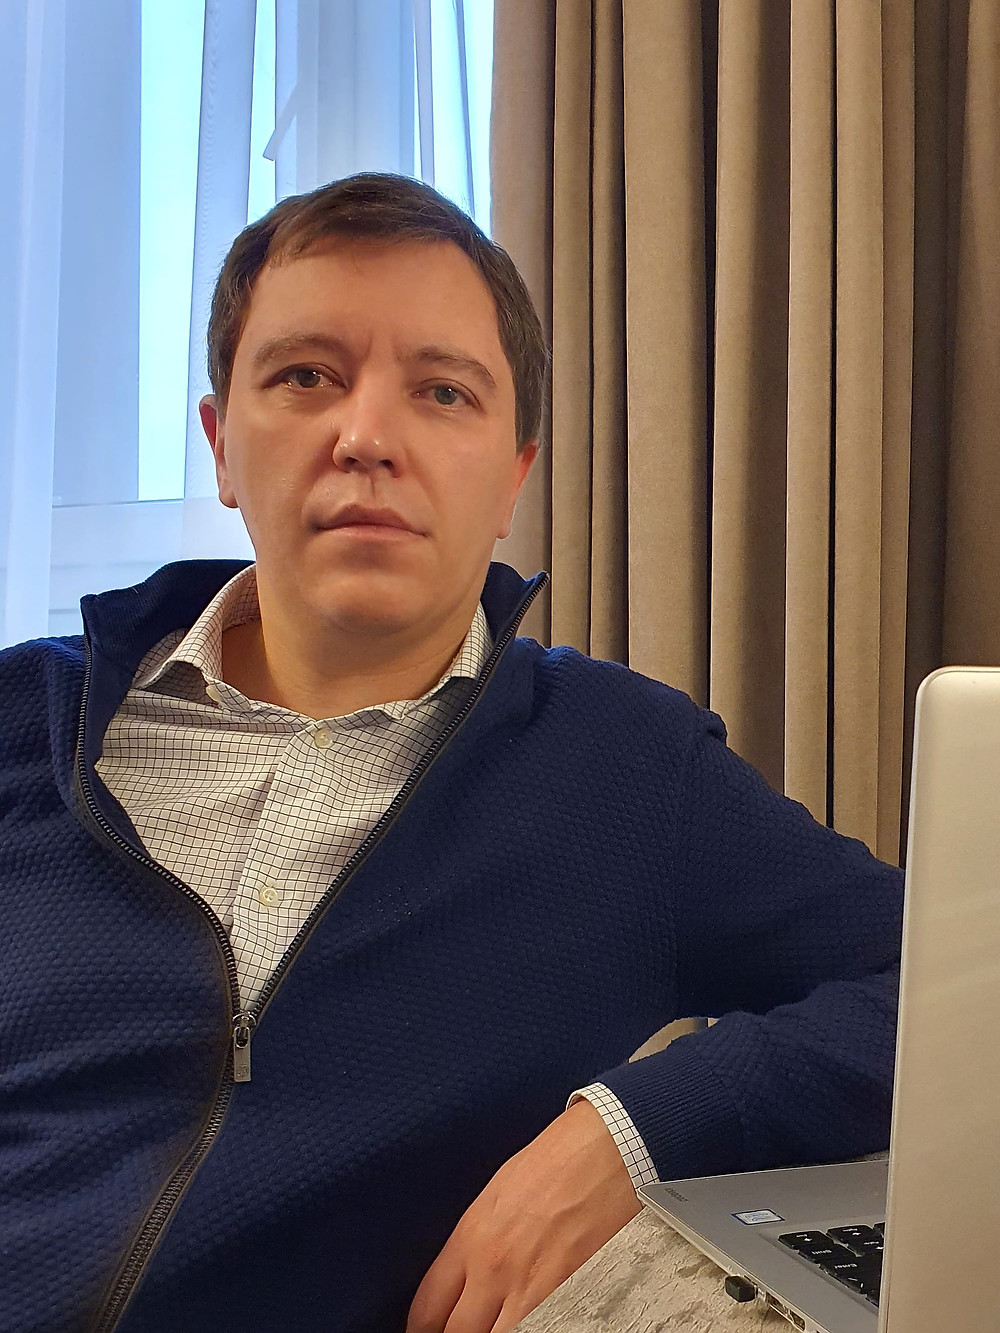 Евгений Лискин, основатель и идеолог проекта «Единая платформа»